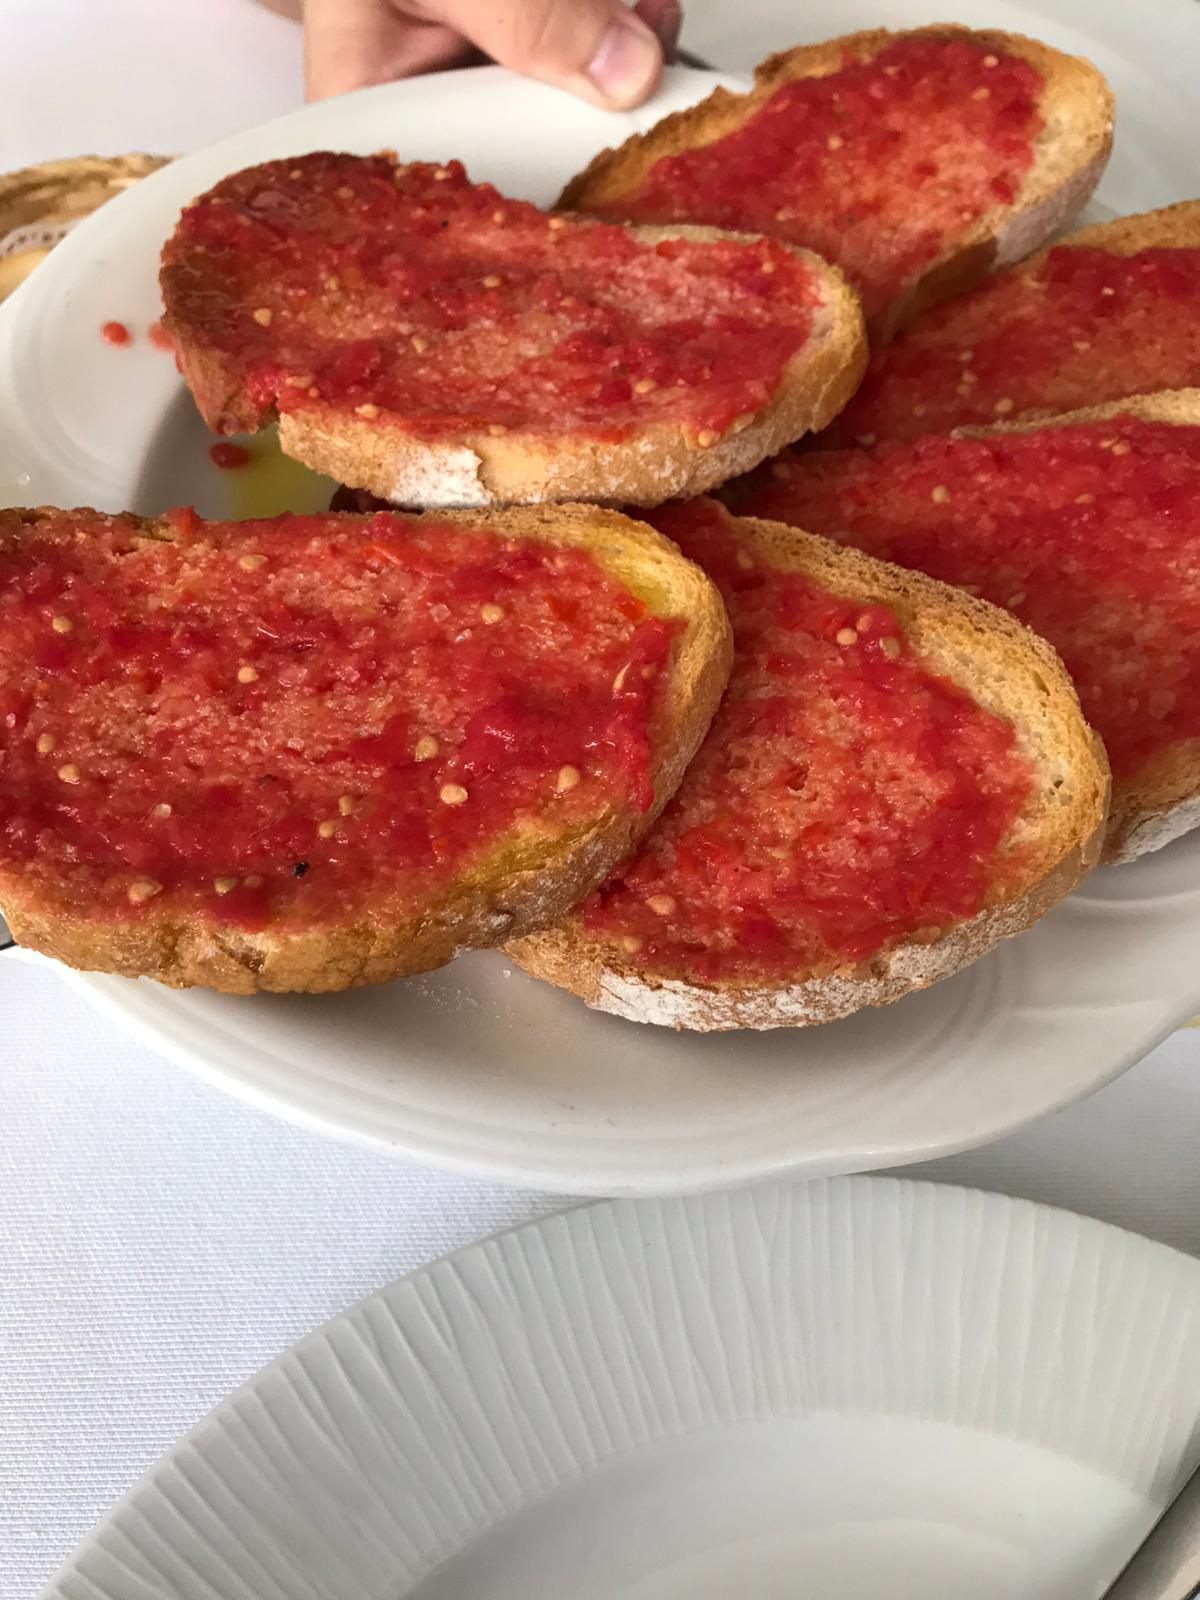 Reseña gastronómica: Restaurante Toni en Benidorm 3